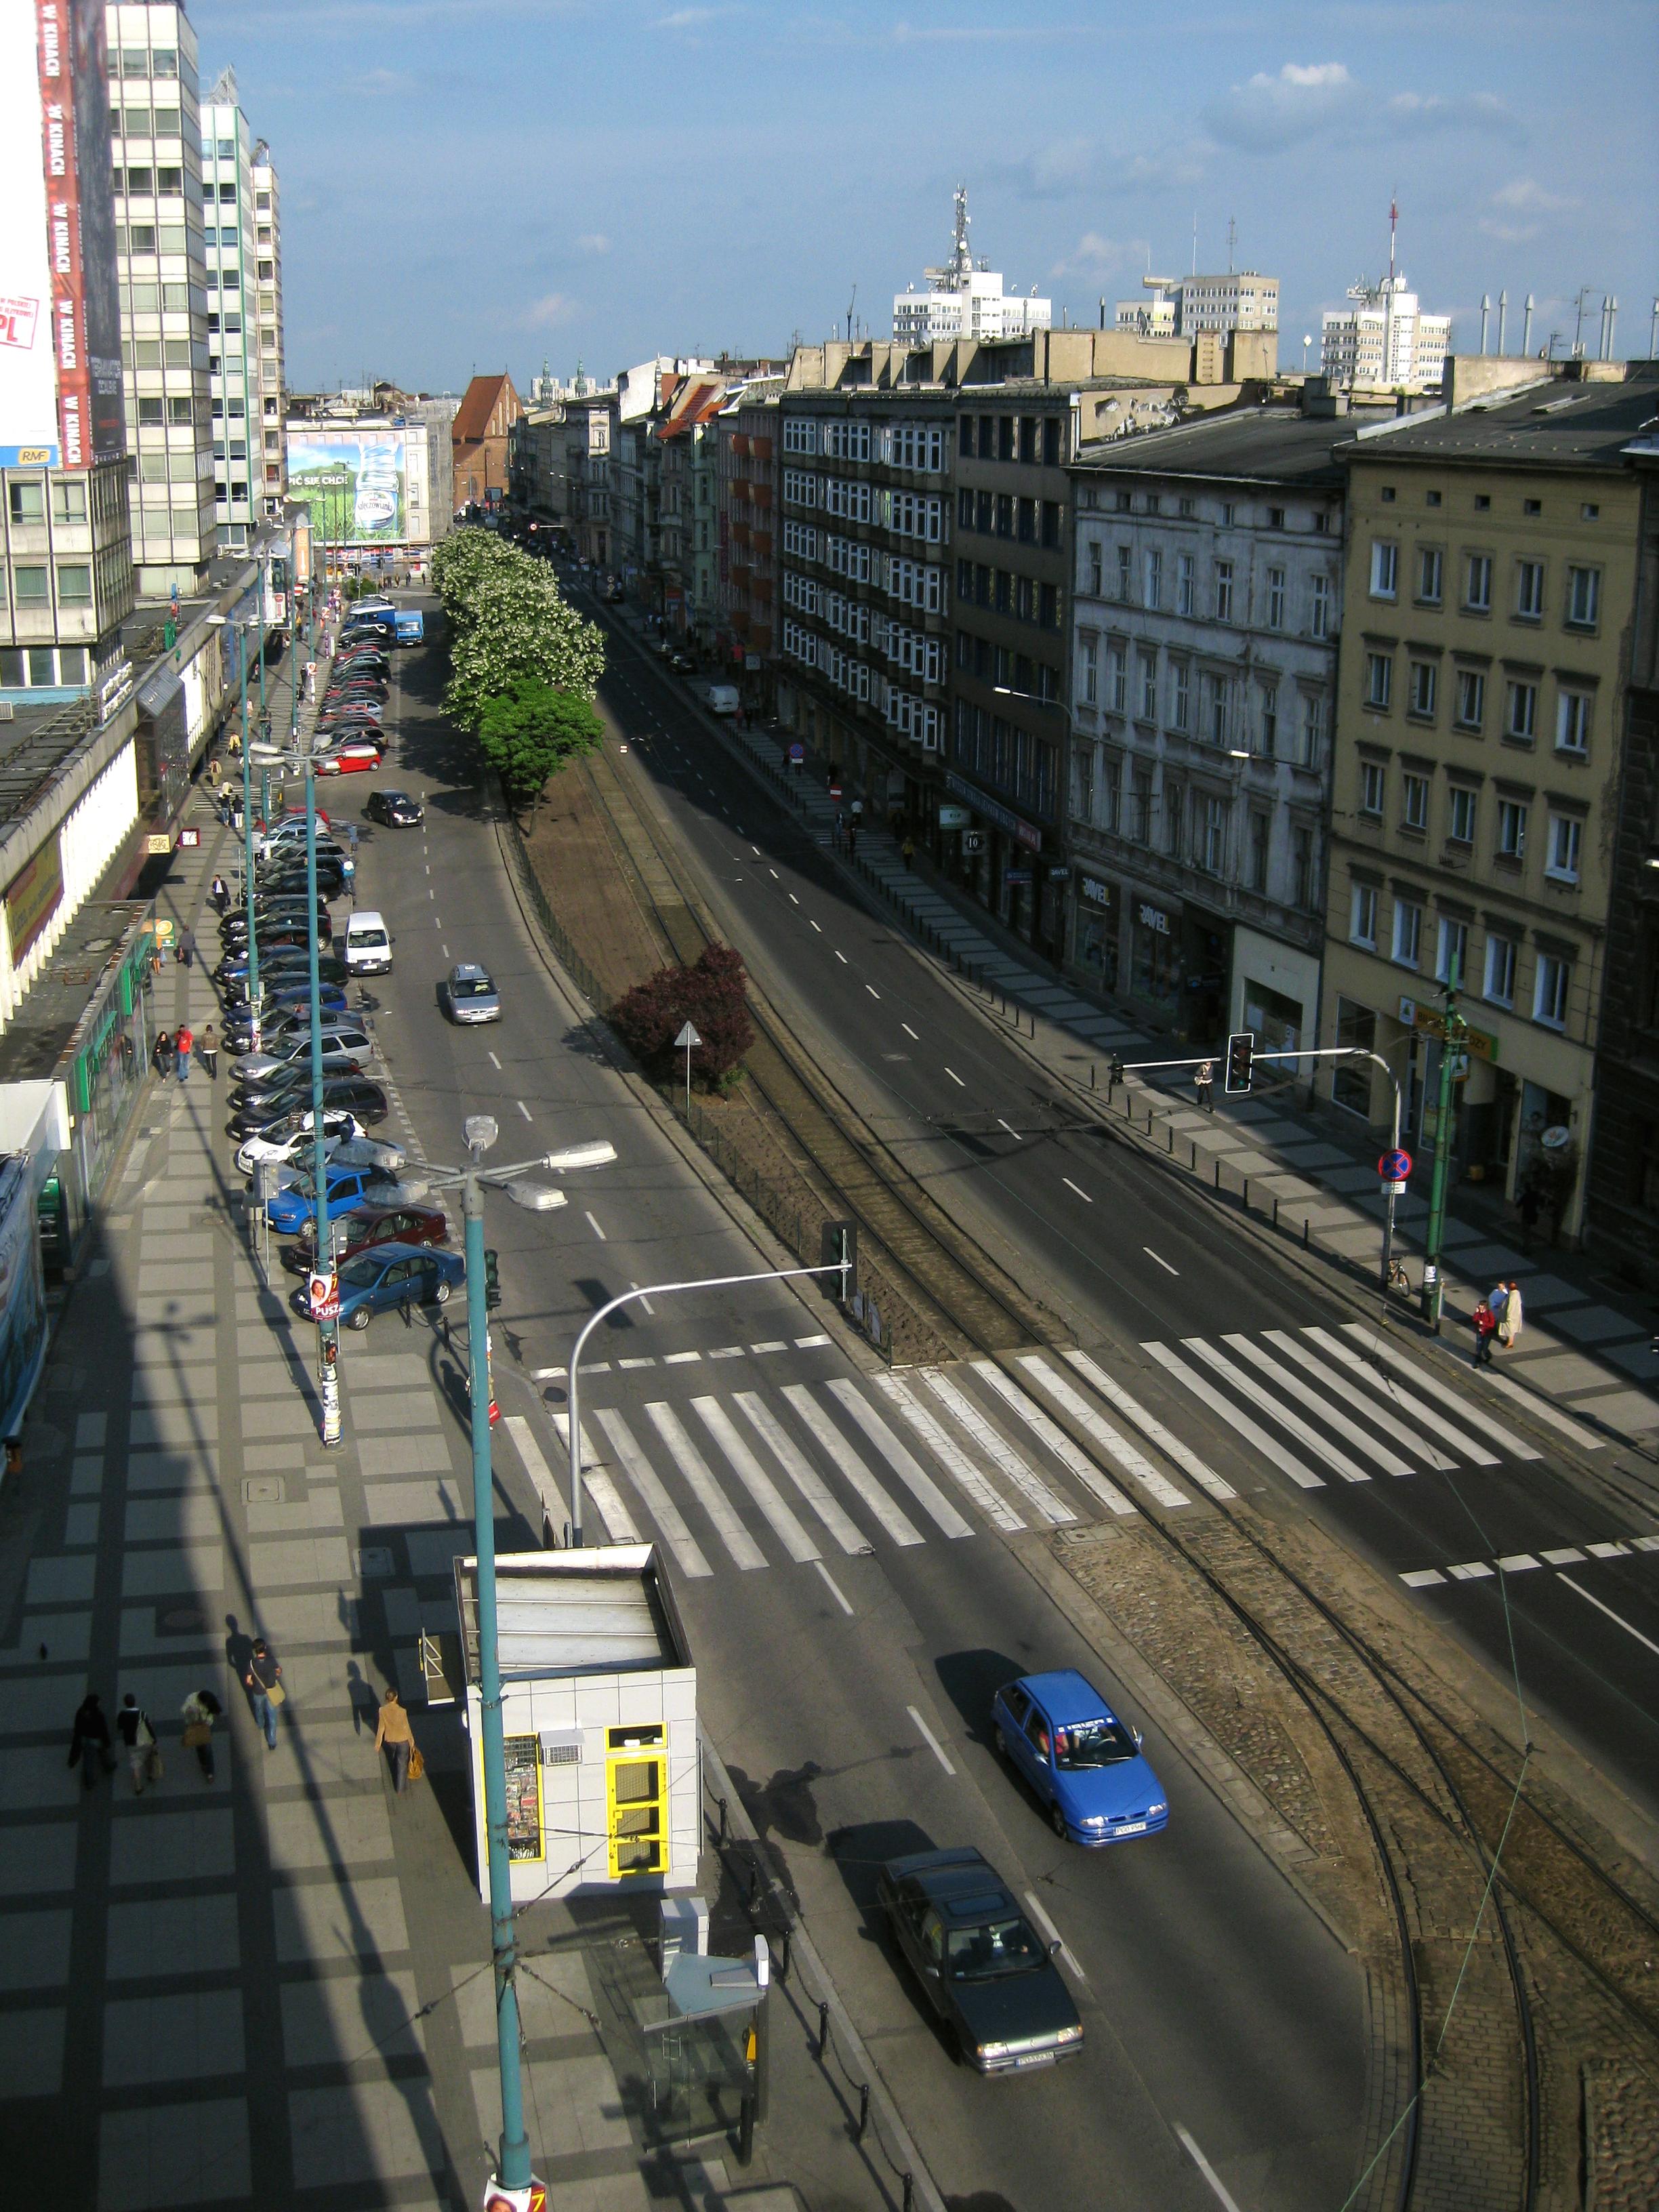 Ulica Św. Marcin w 2009 roku. Autor: Awersowy / Wikimedia Commons. Lic: CC-BY-3.0